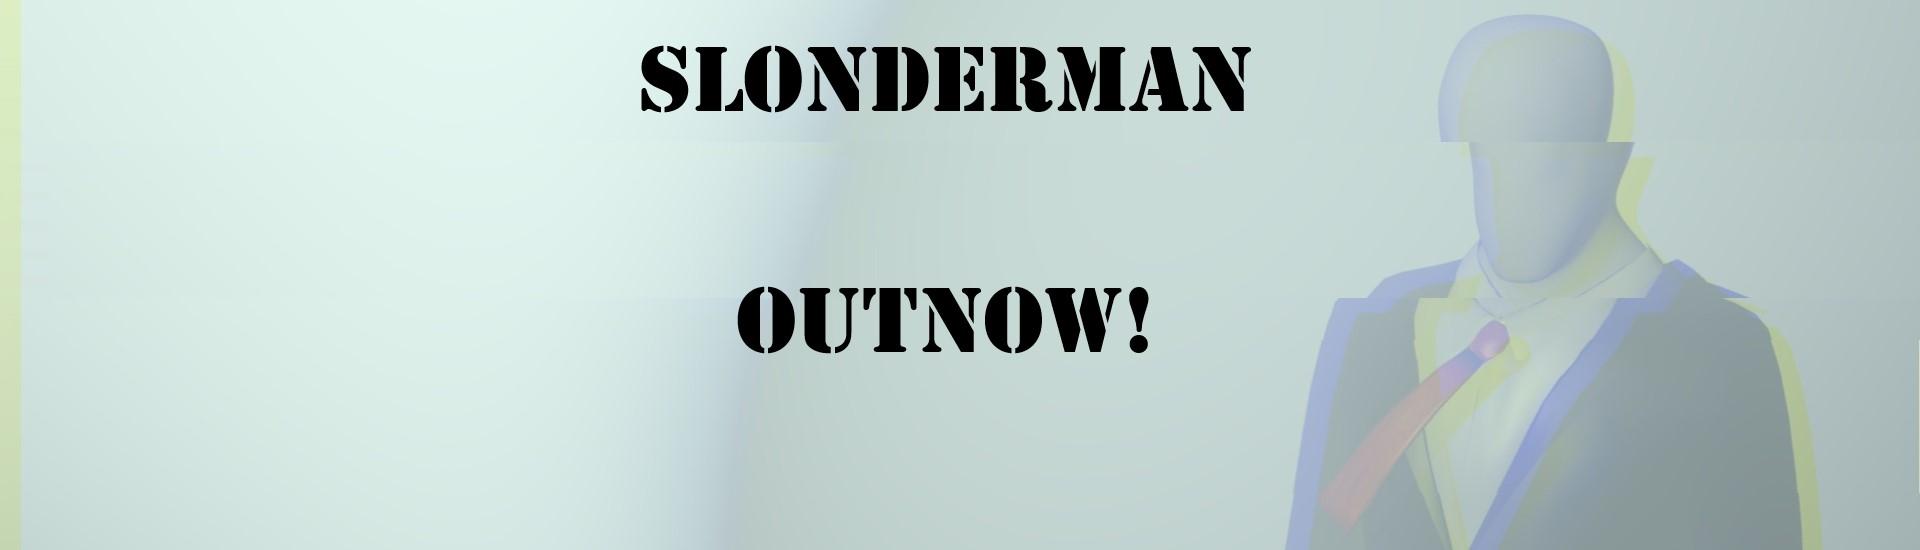 Slonderman - A Slenderman Parody